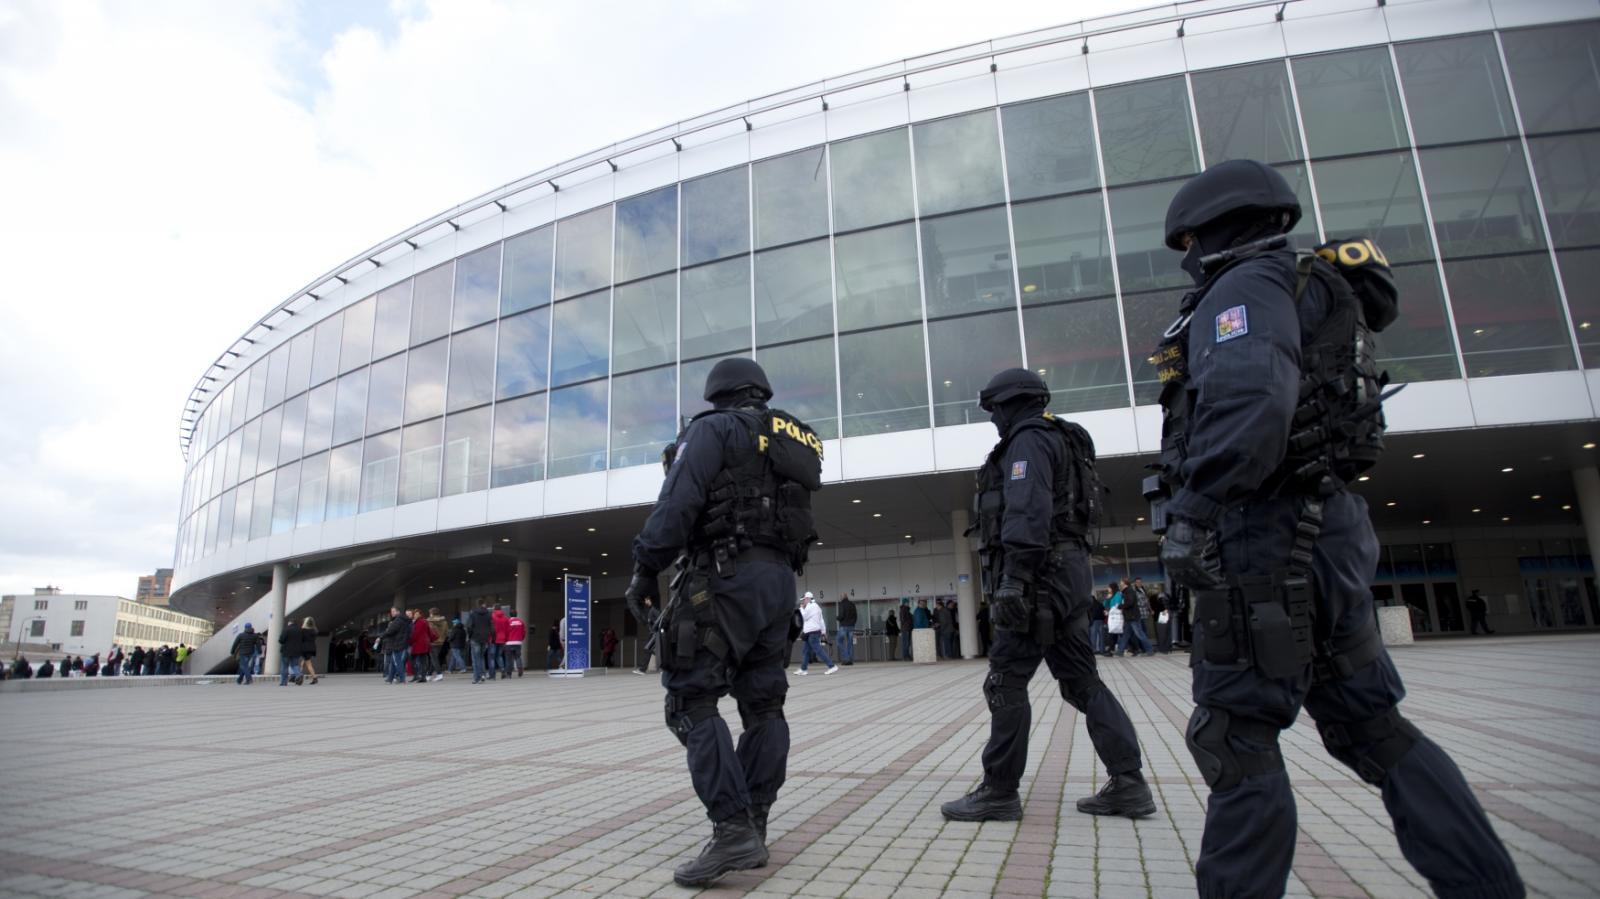 Policejní opatření při finále tenisového Fed Cupu po pařížských útocích